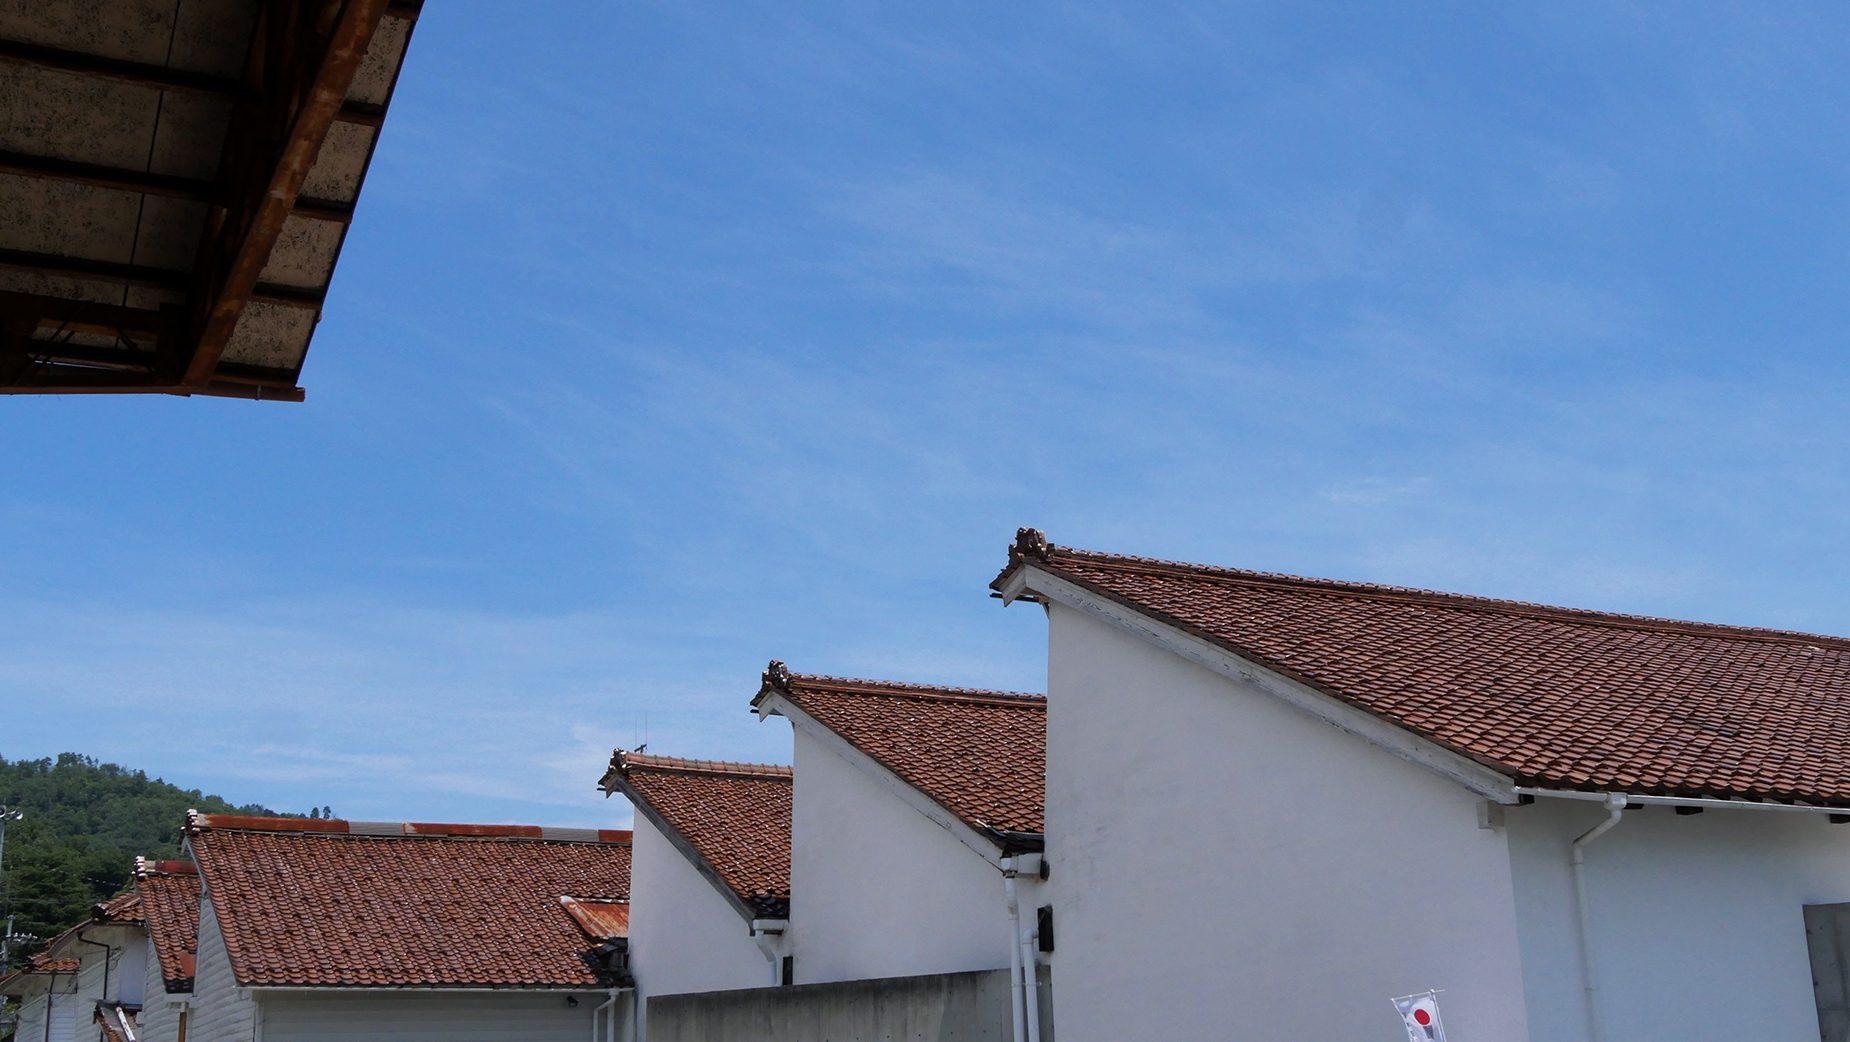 昭和初期に作られた織物工場鋸屋根が印象的なレトロな建物。